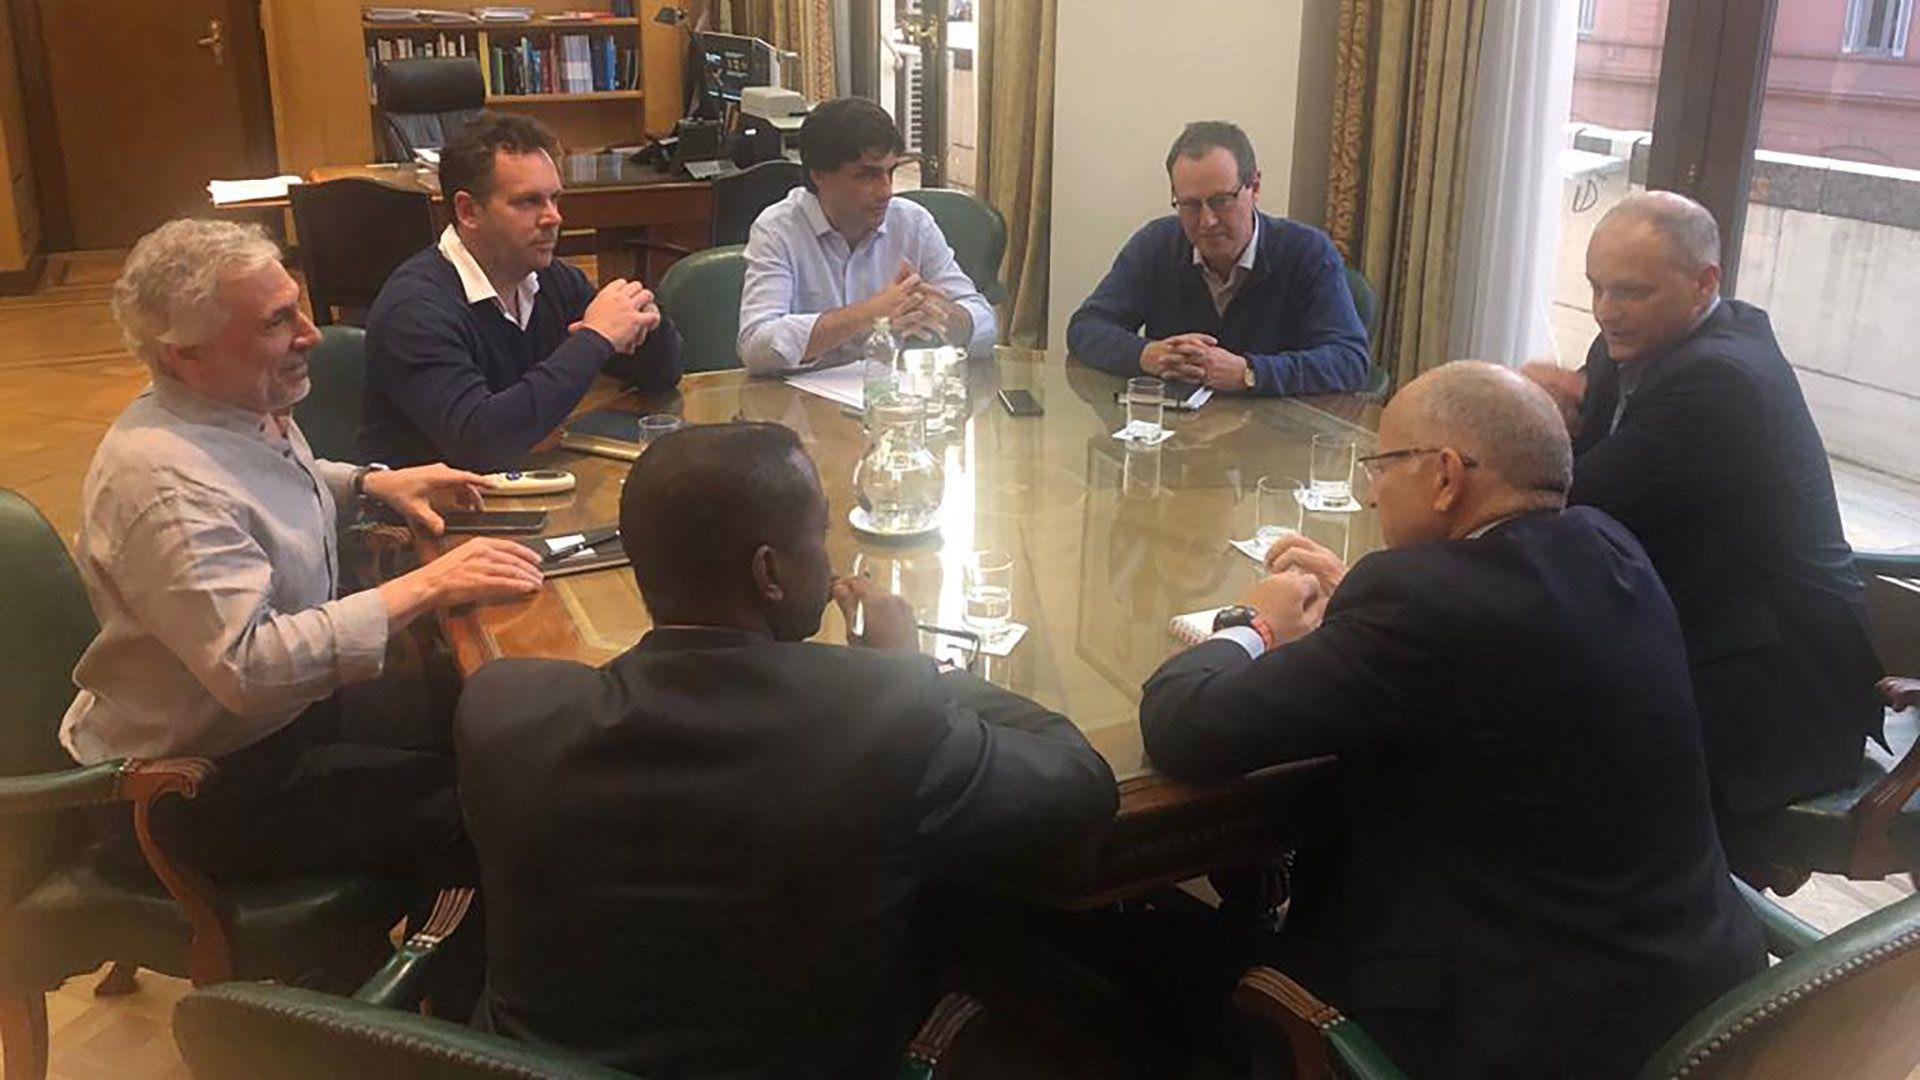 Cañonero, de camisa gris a la izquierda, Sandleris, Lacunza, Katz, Werner, Cardarelli y Alleyne